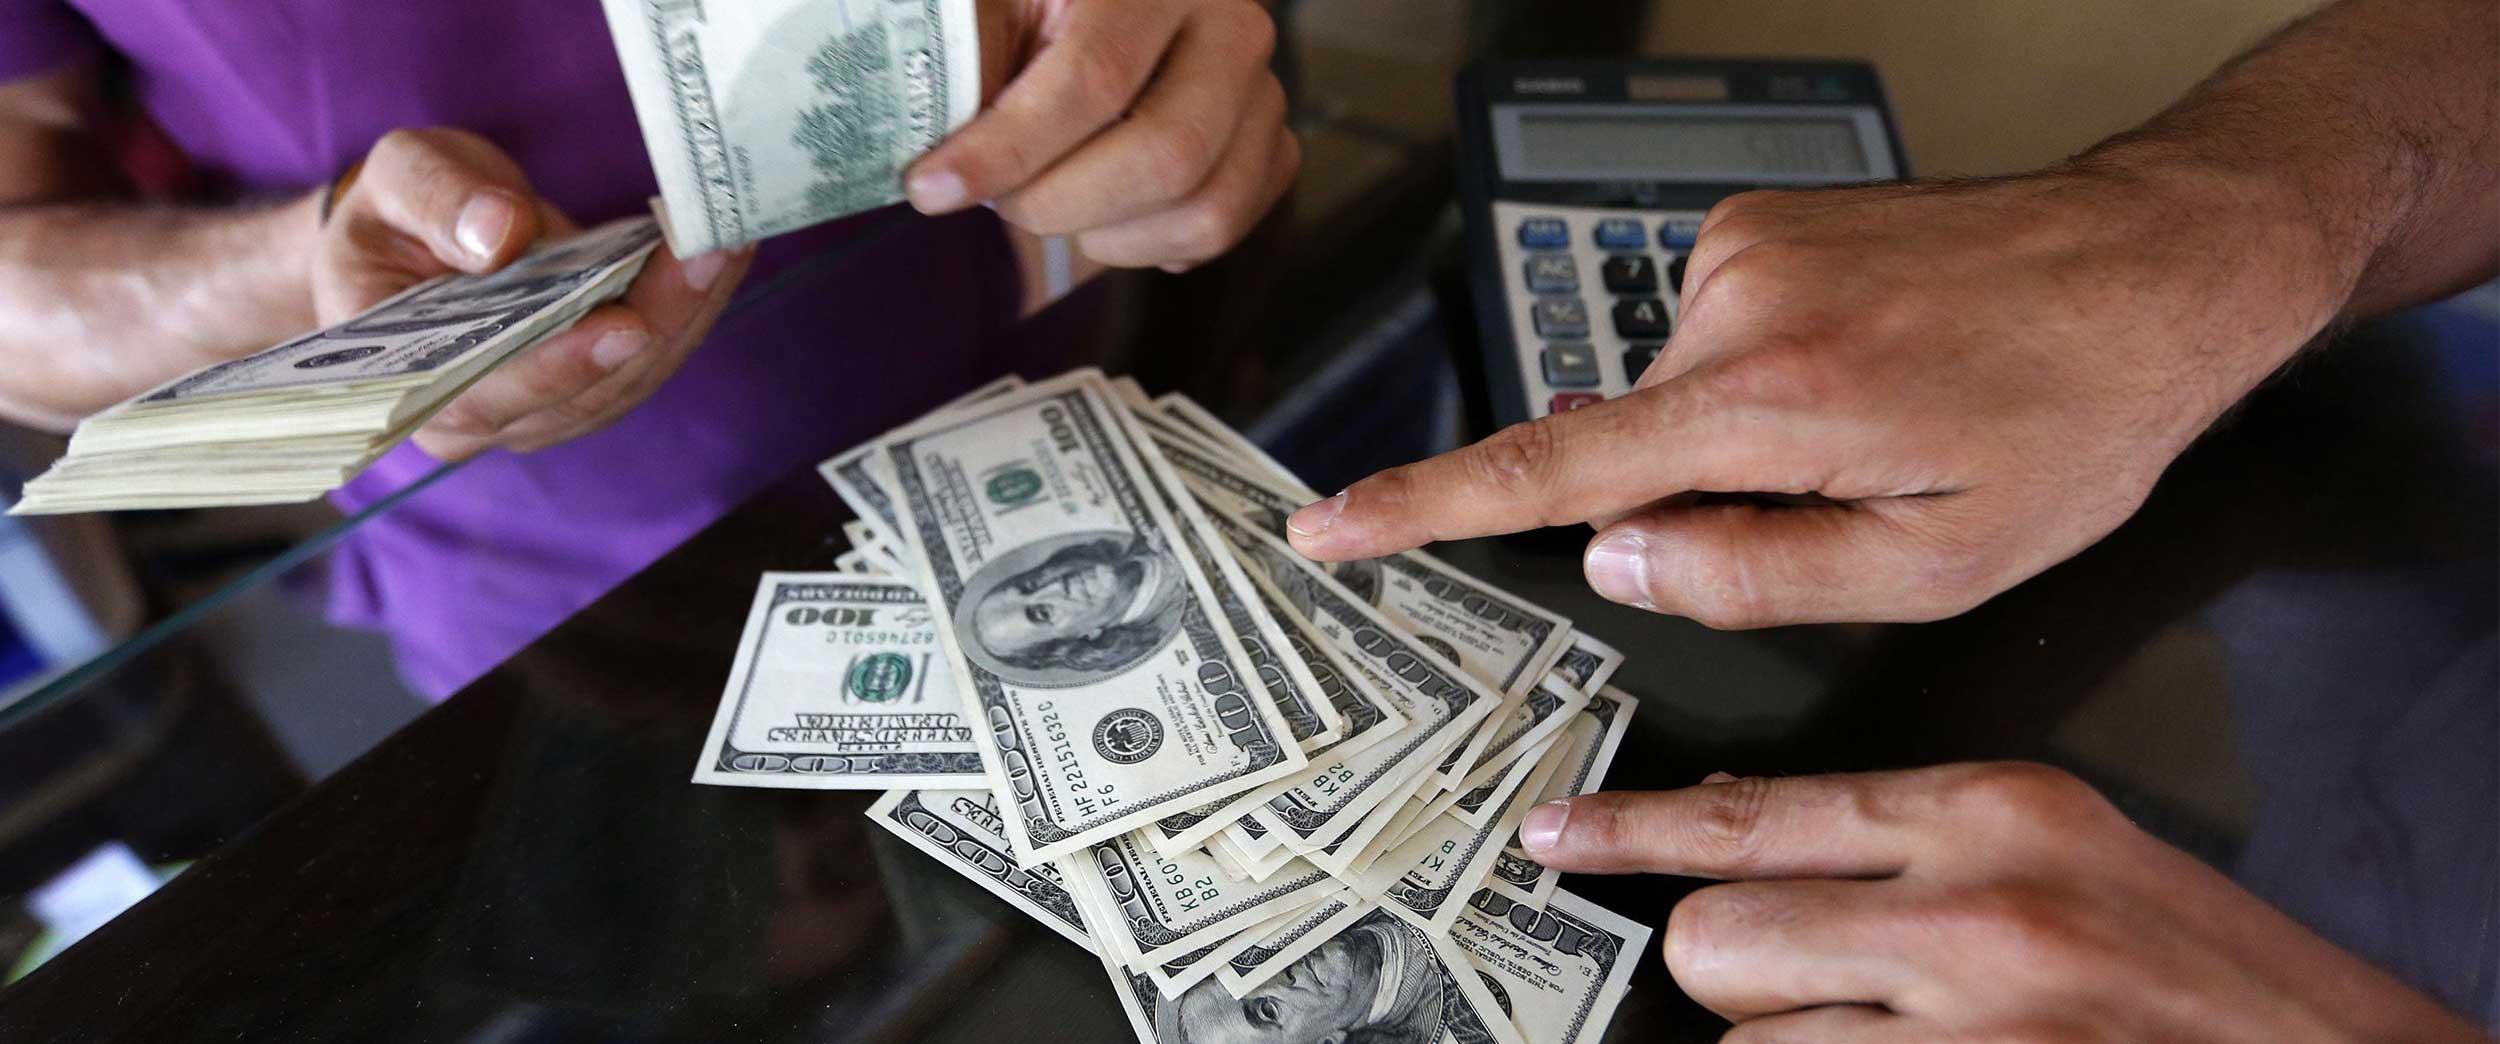 ارز مسافرتی دوباره بازگشت ، نام و نشانی بانکهای ارائه کننده